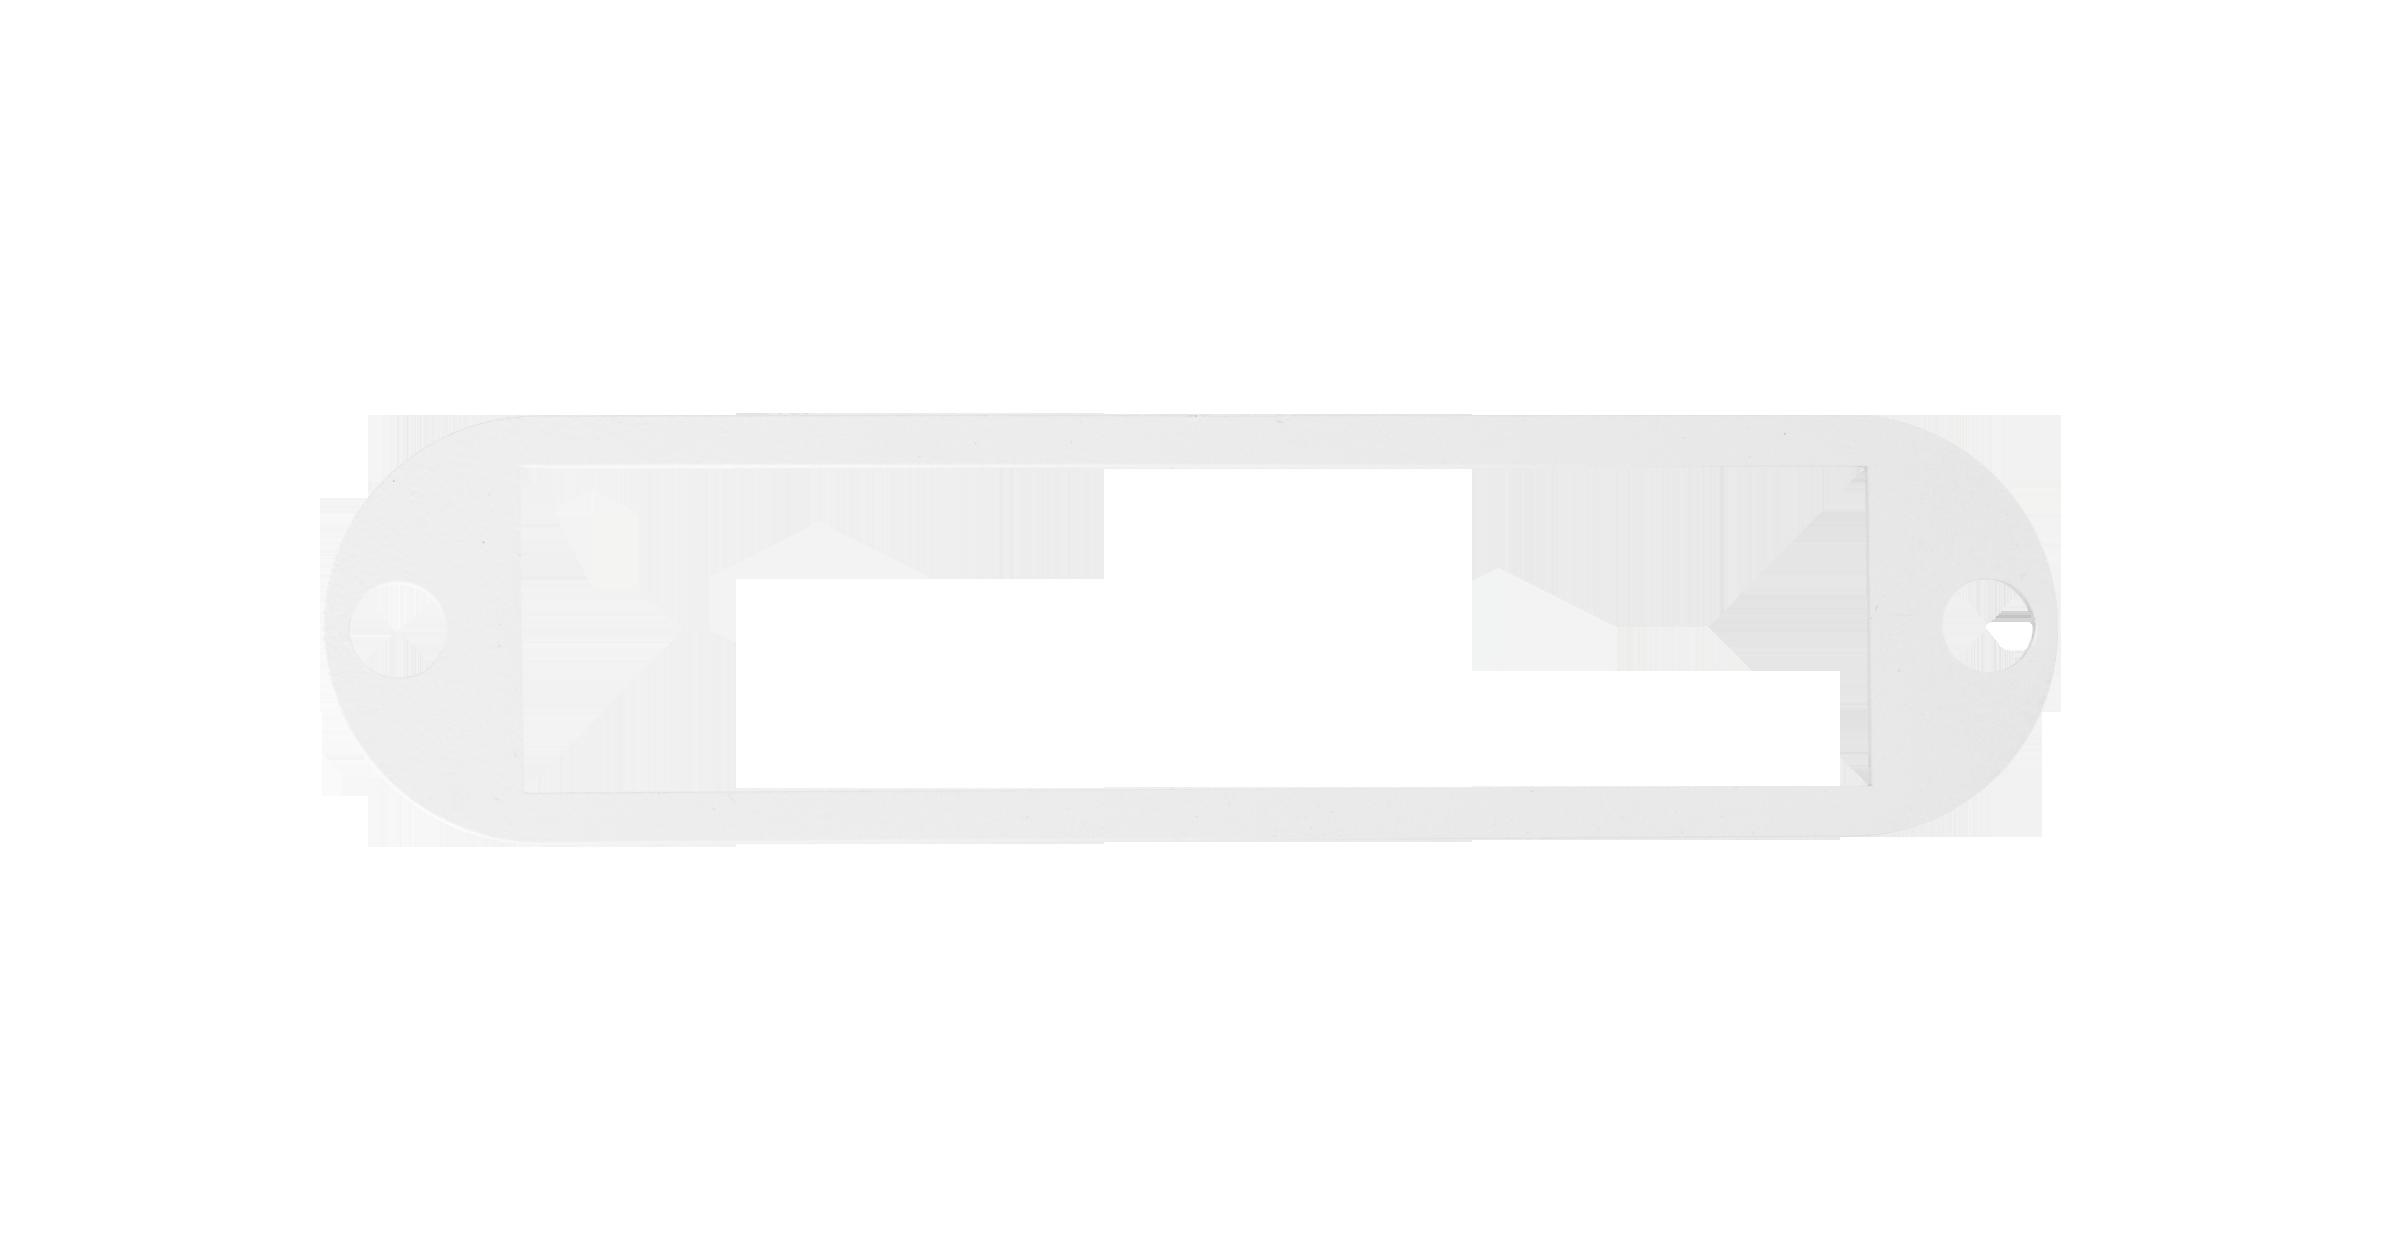 Адаптерная панель NIKOMAX TFI, до 12 одинарных адаптеров SC / двойных адаптеров LC, стальная, серая